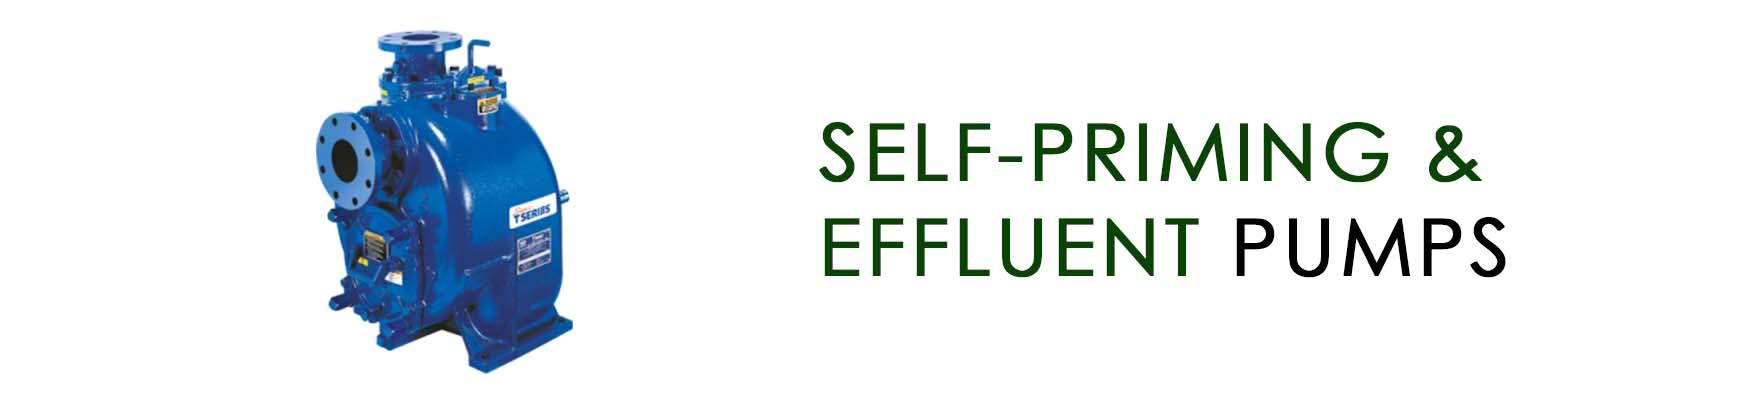 Self priming